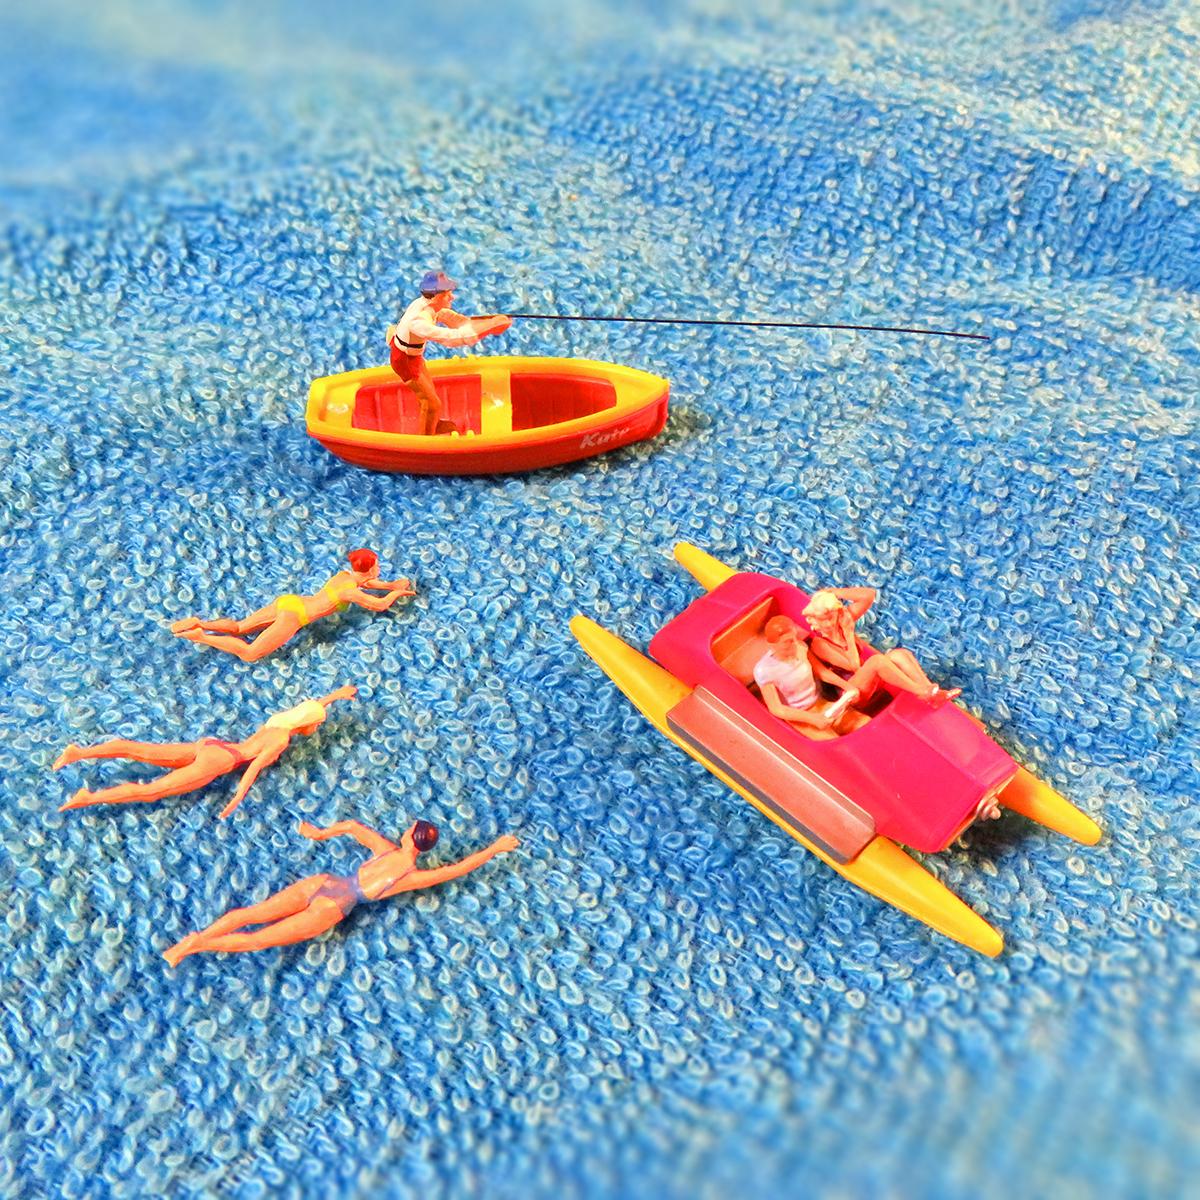 タオル湖でペダルボートに乗るカップル、ボートで釣りをする釣り人、水泳する女子